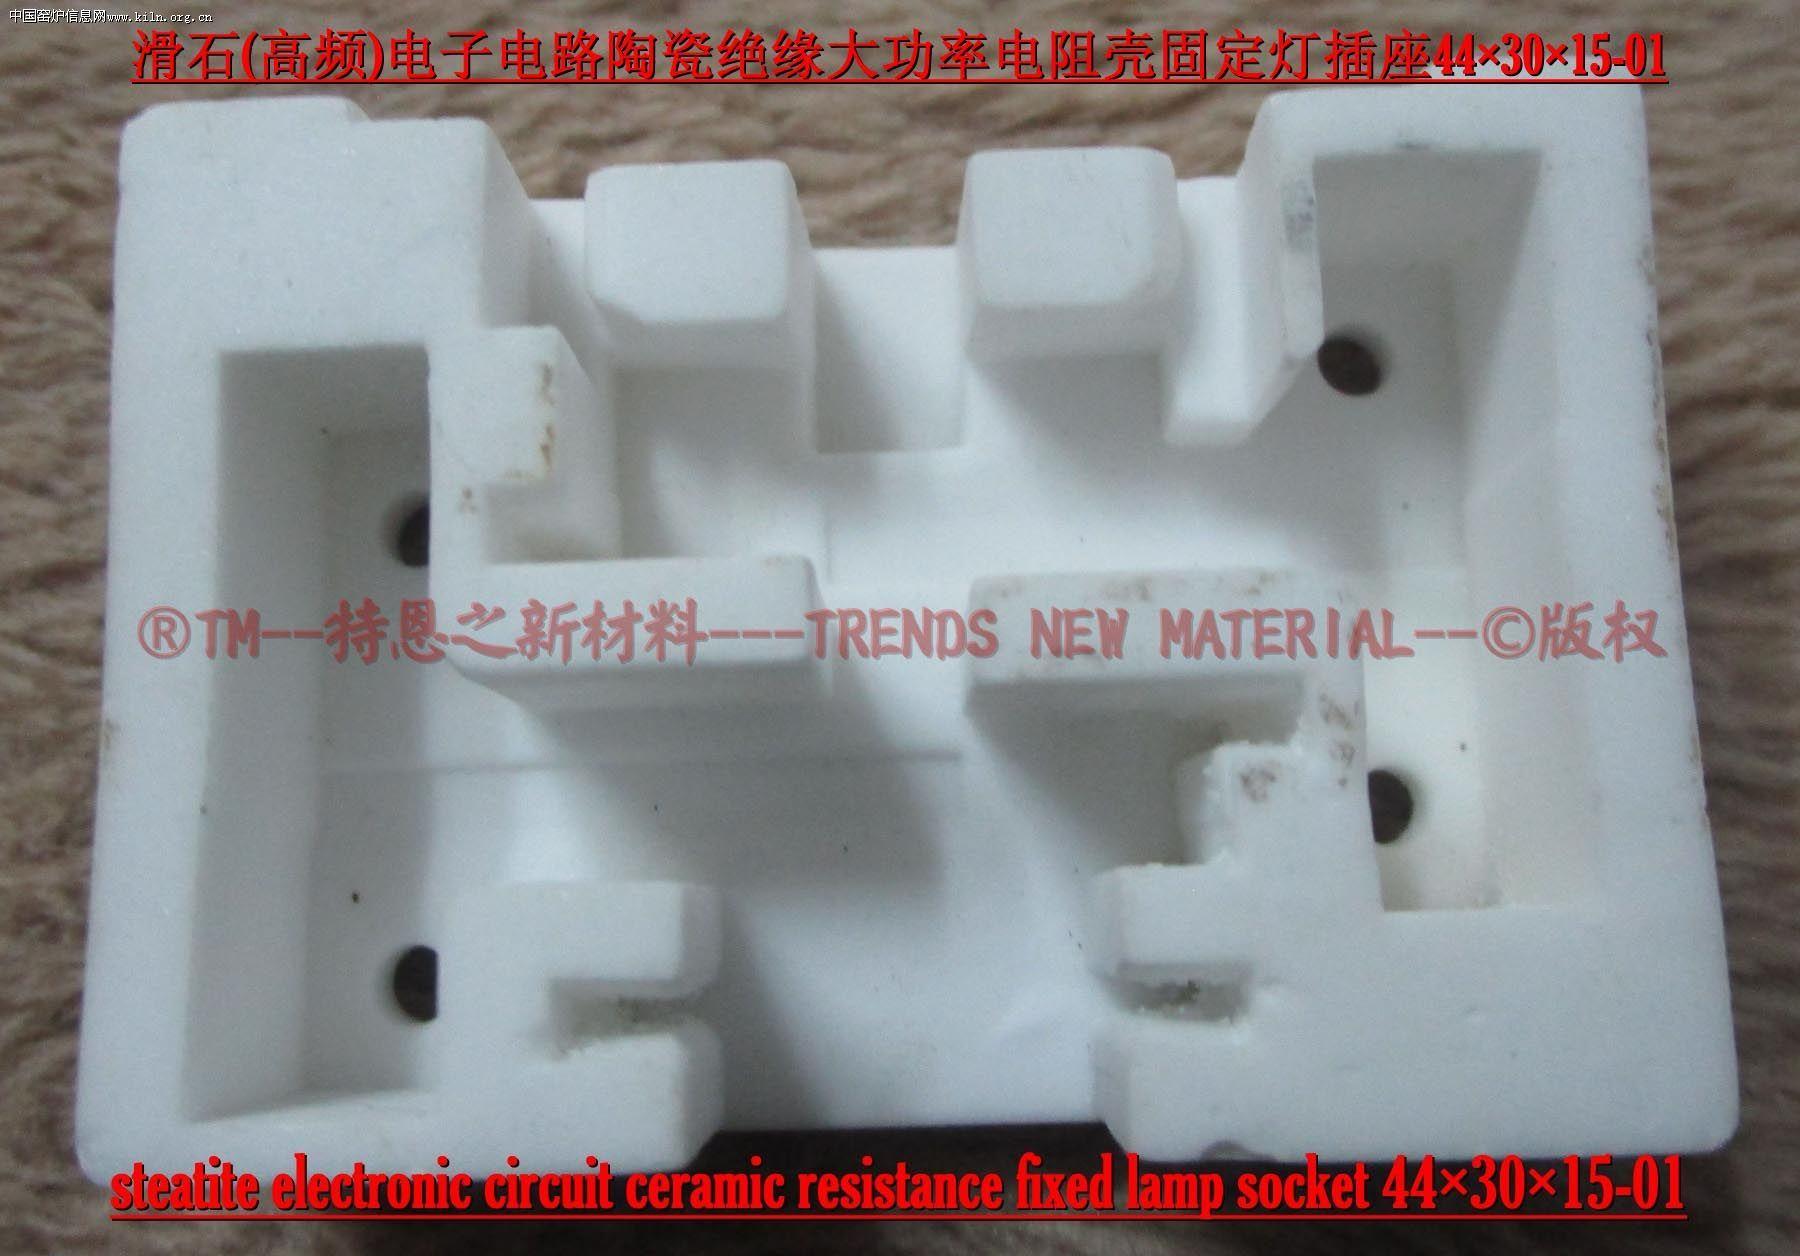 滑石(高频)电子电路陶瓷绝缘大功率电阻壳固定灯插座44×30×15